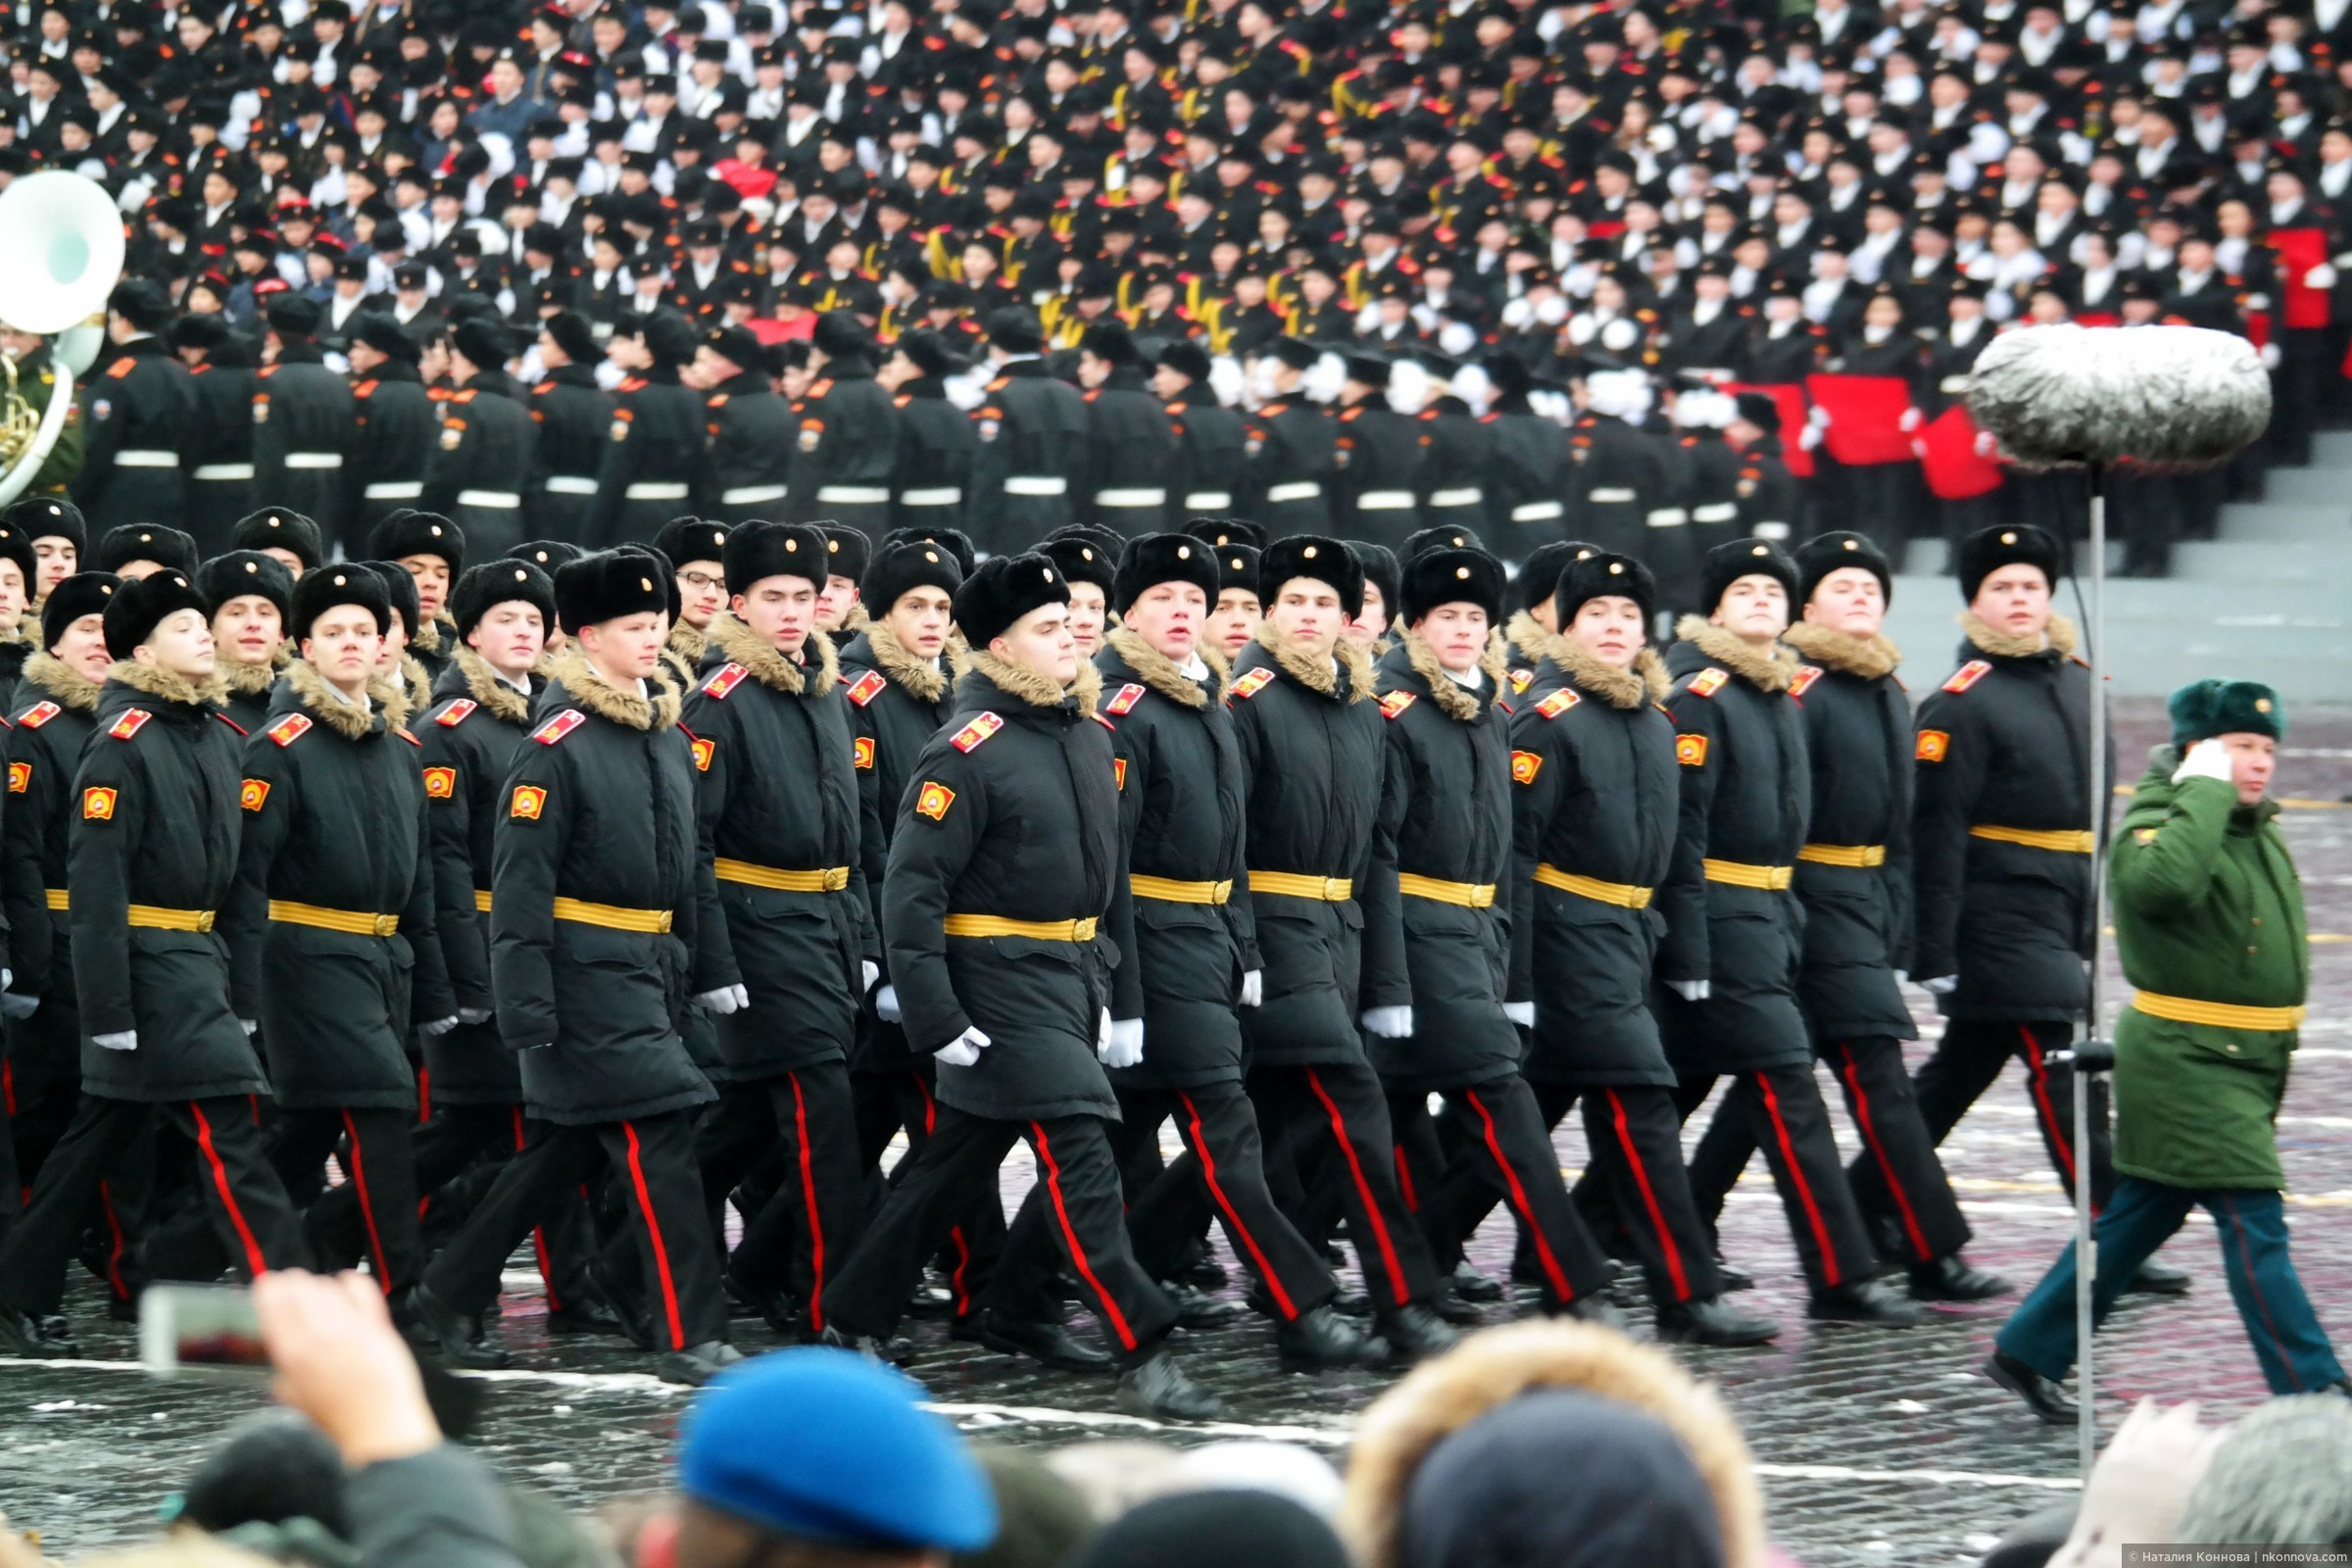 """Фото из альбома """"Торжественный марш 7 ноября 2016, Красная пл."""", Москва, Россия"""